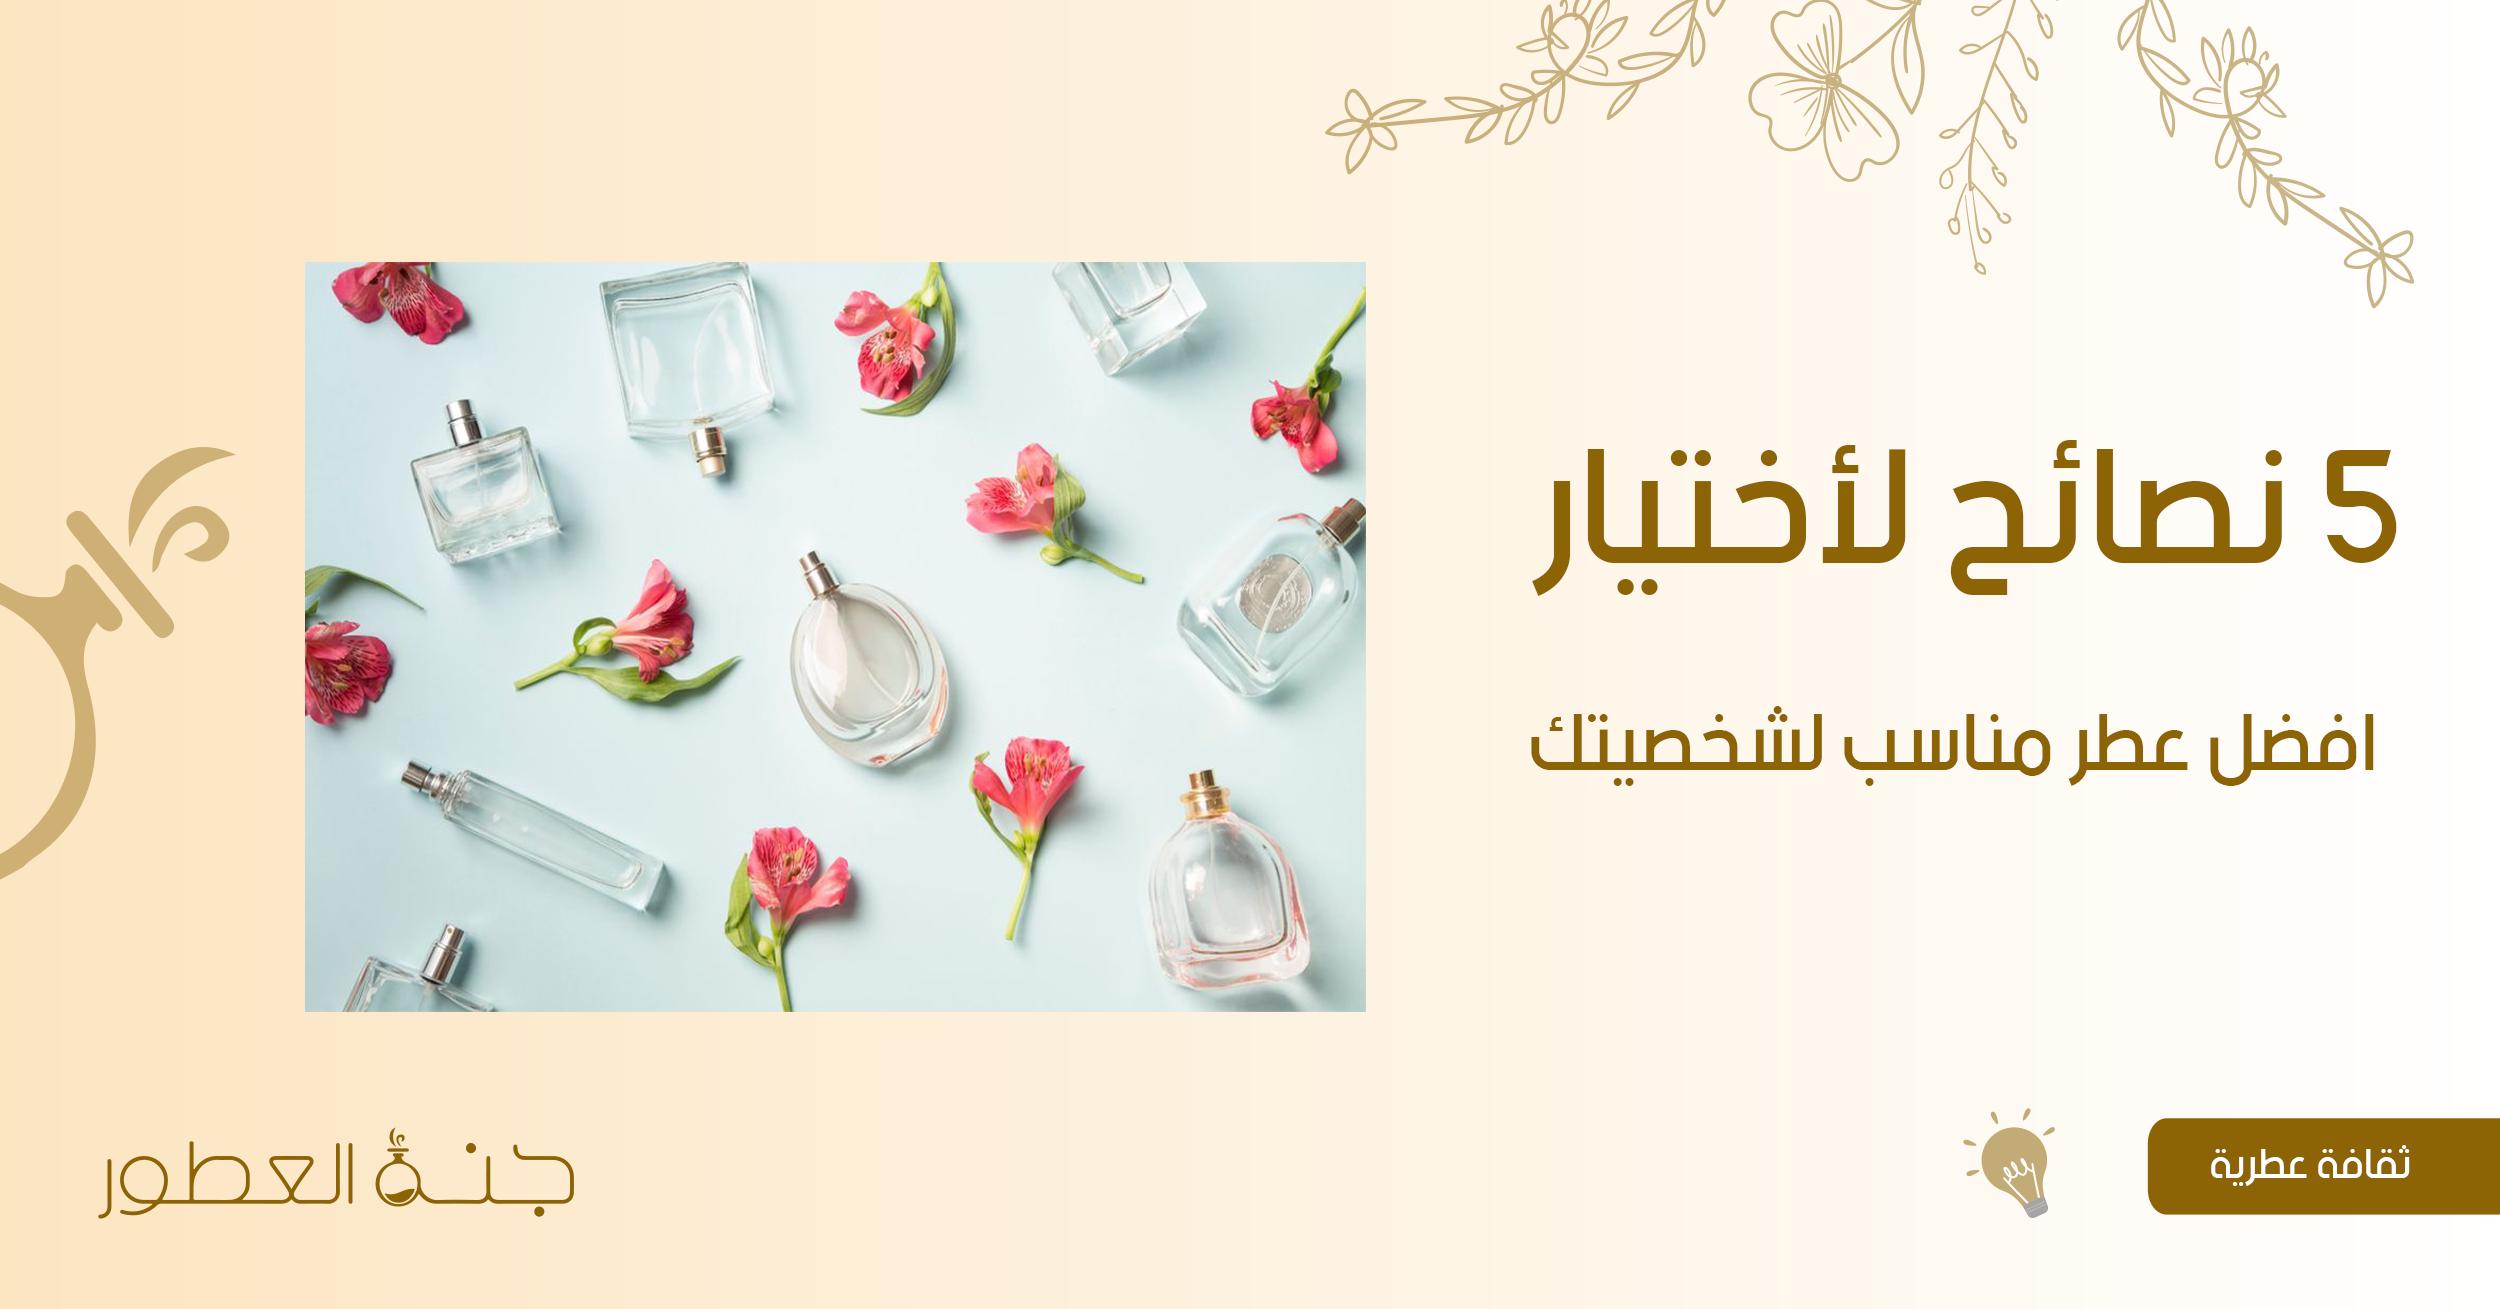 5 نصائح لأختيار افضل عطر مناسب لشخصيتك - جنة العطور